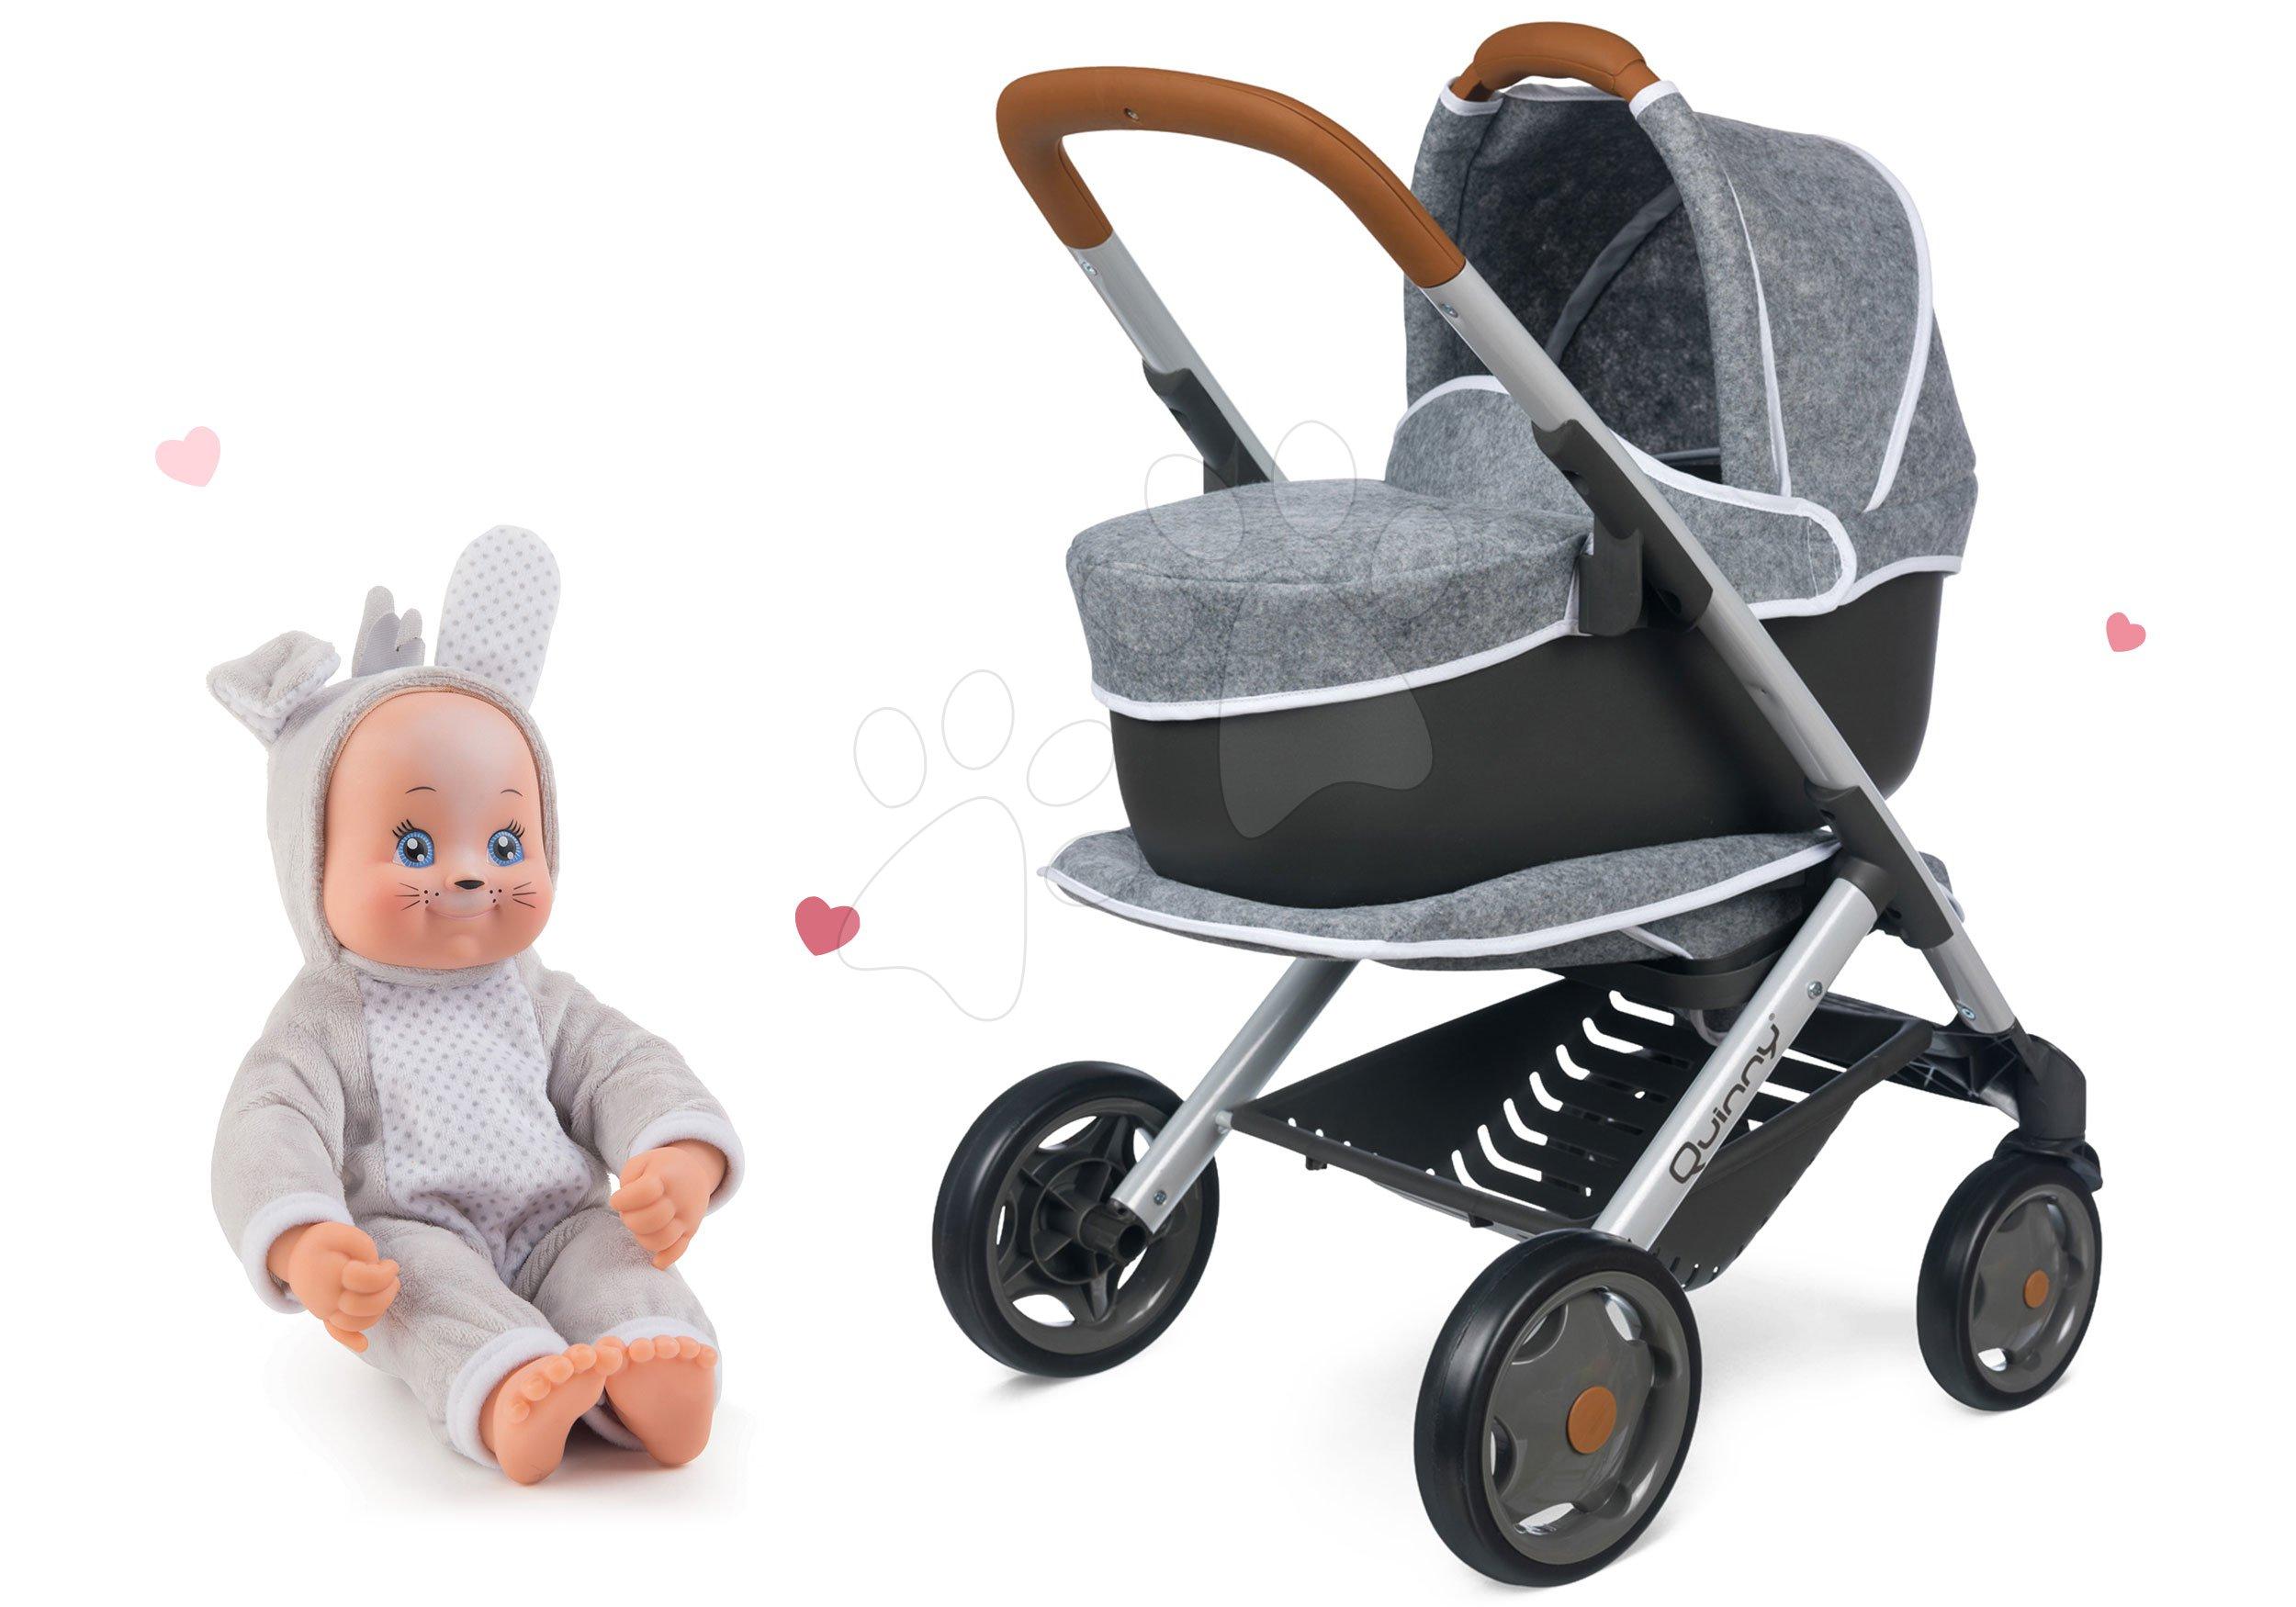 Set kočárek hluboký a sportovní DeLuxe Pastel Maxi Cosi&Quinny Grey 3v1 Smoby a panenka v kostýmu Zajíček Animal Doll MiniKiss 27 cm se zvukem